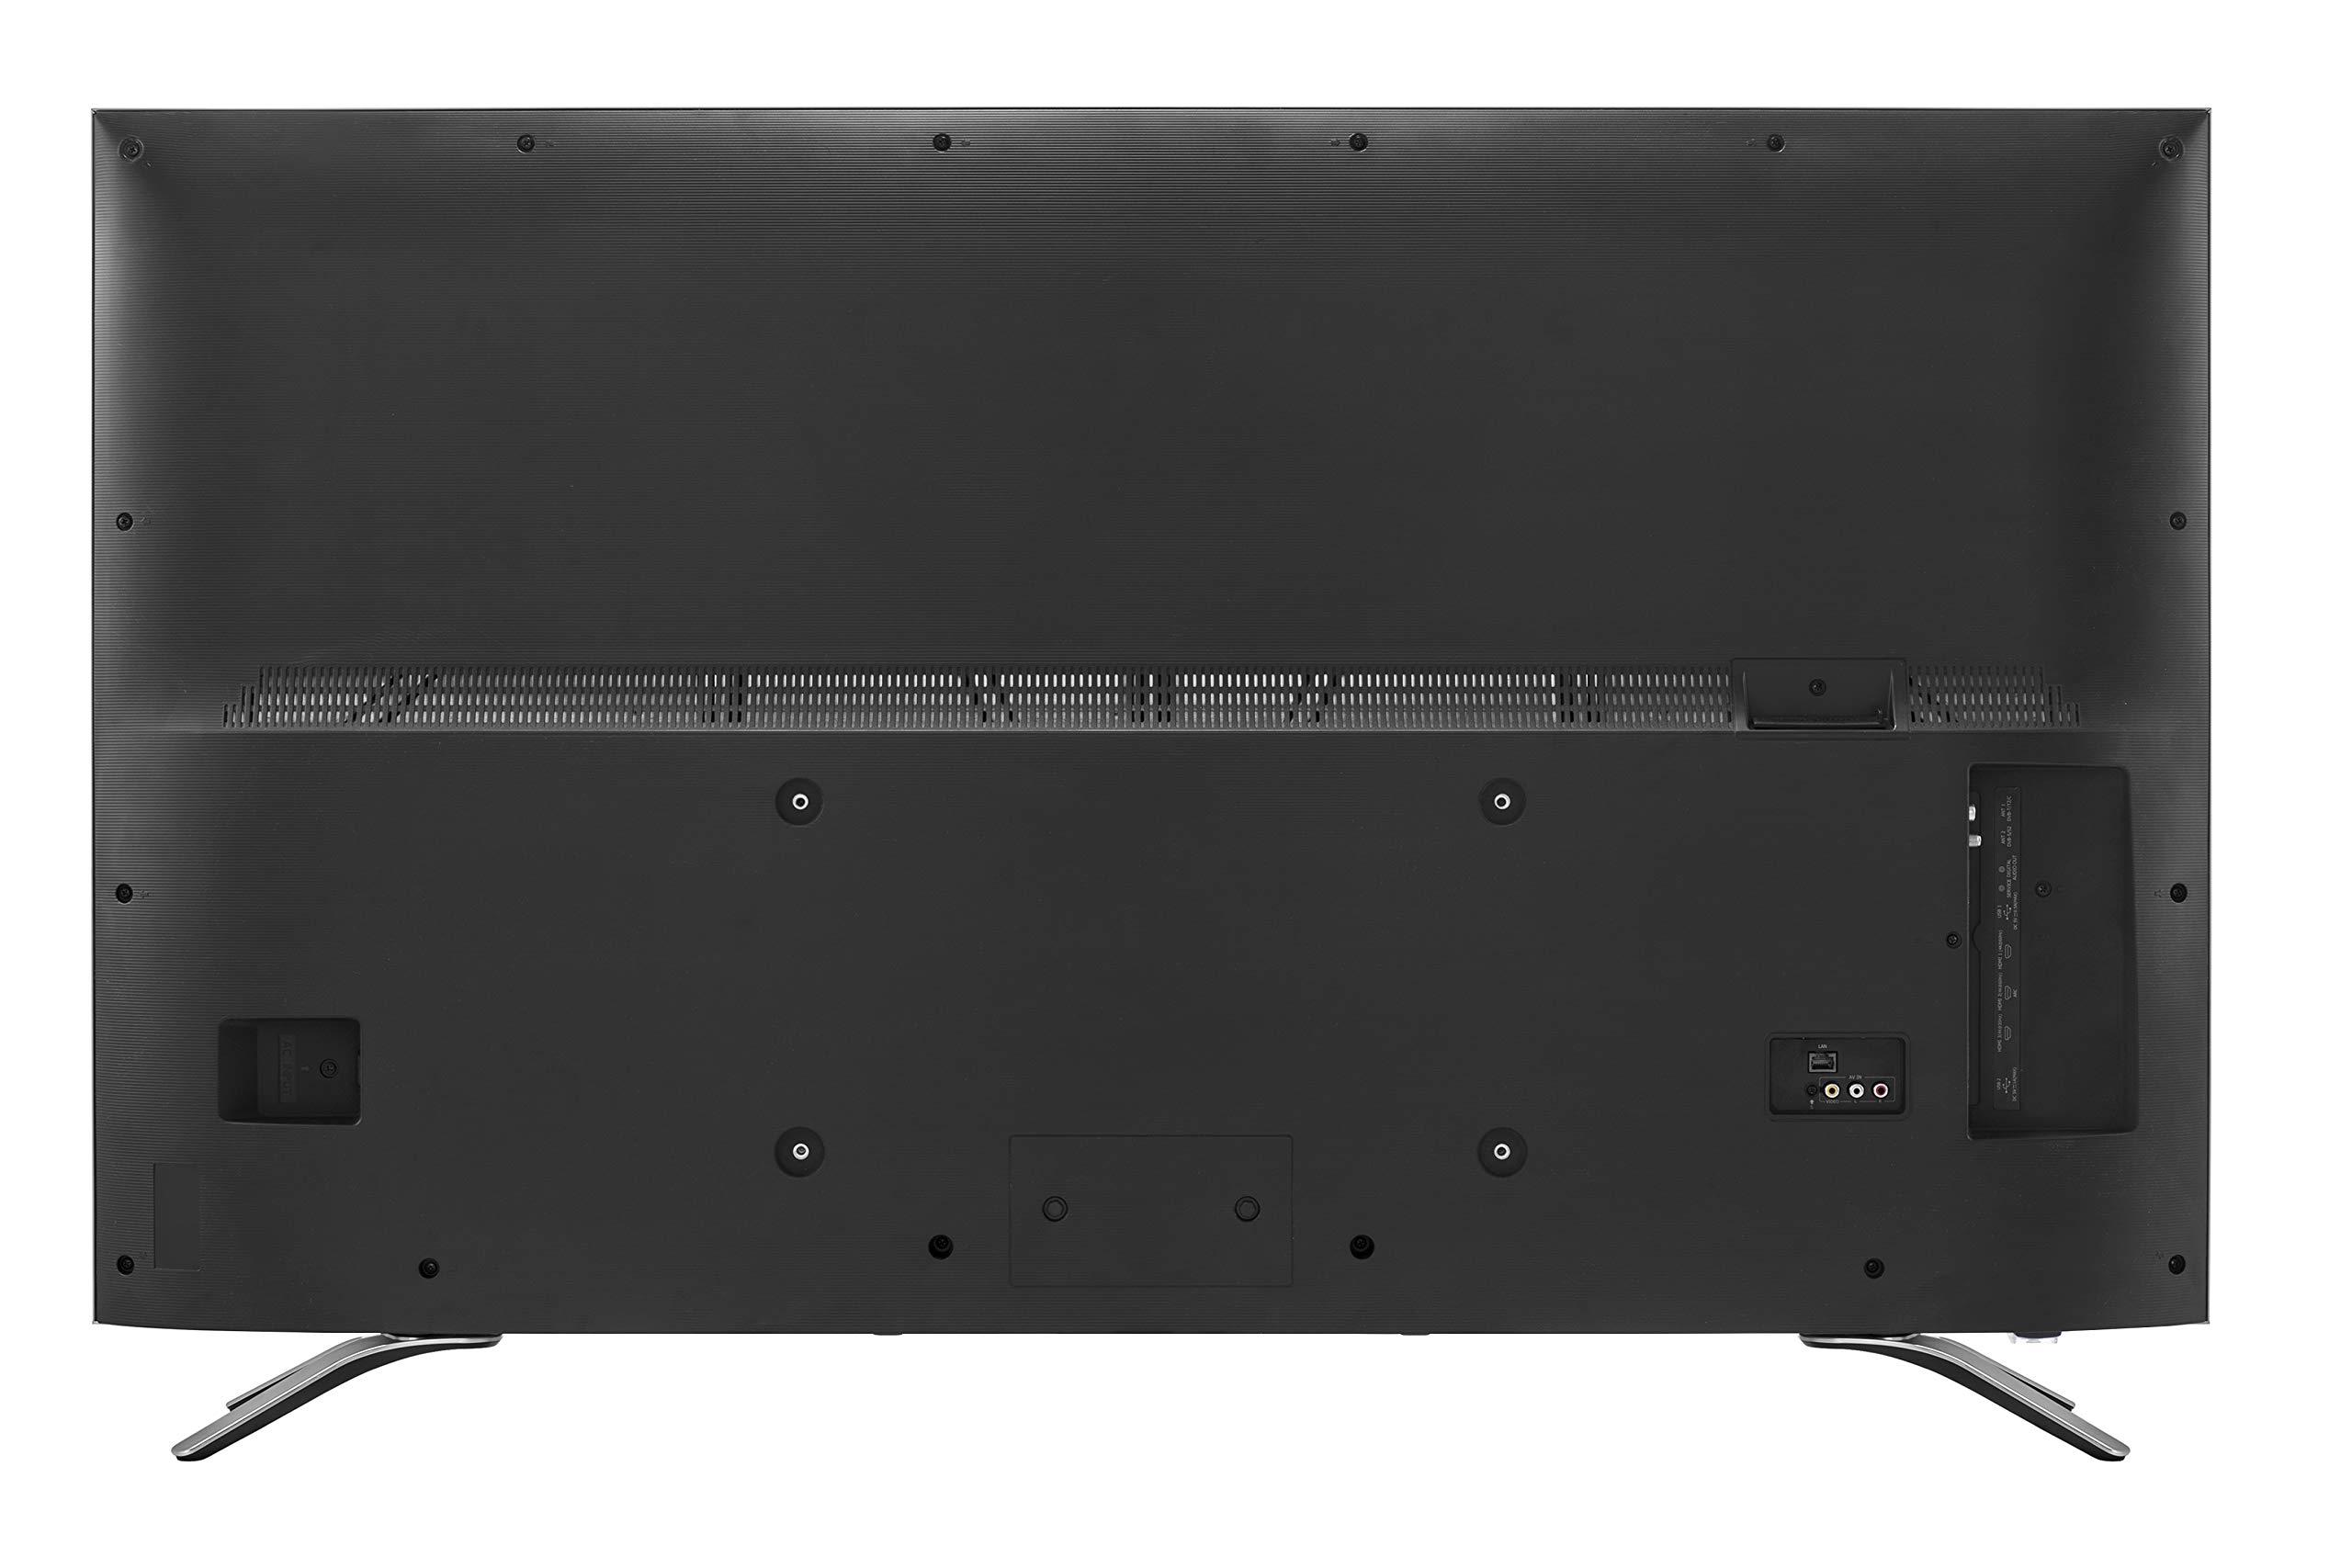 Hisense H55A6500 - TV Hisense 55